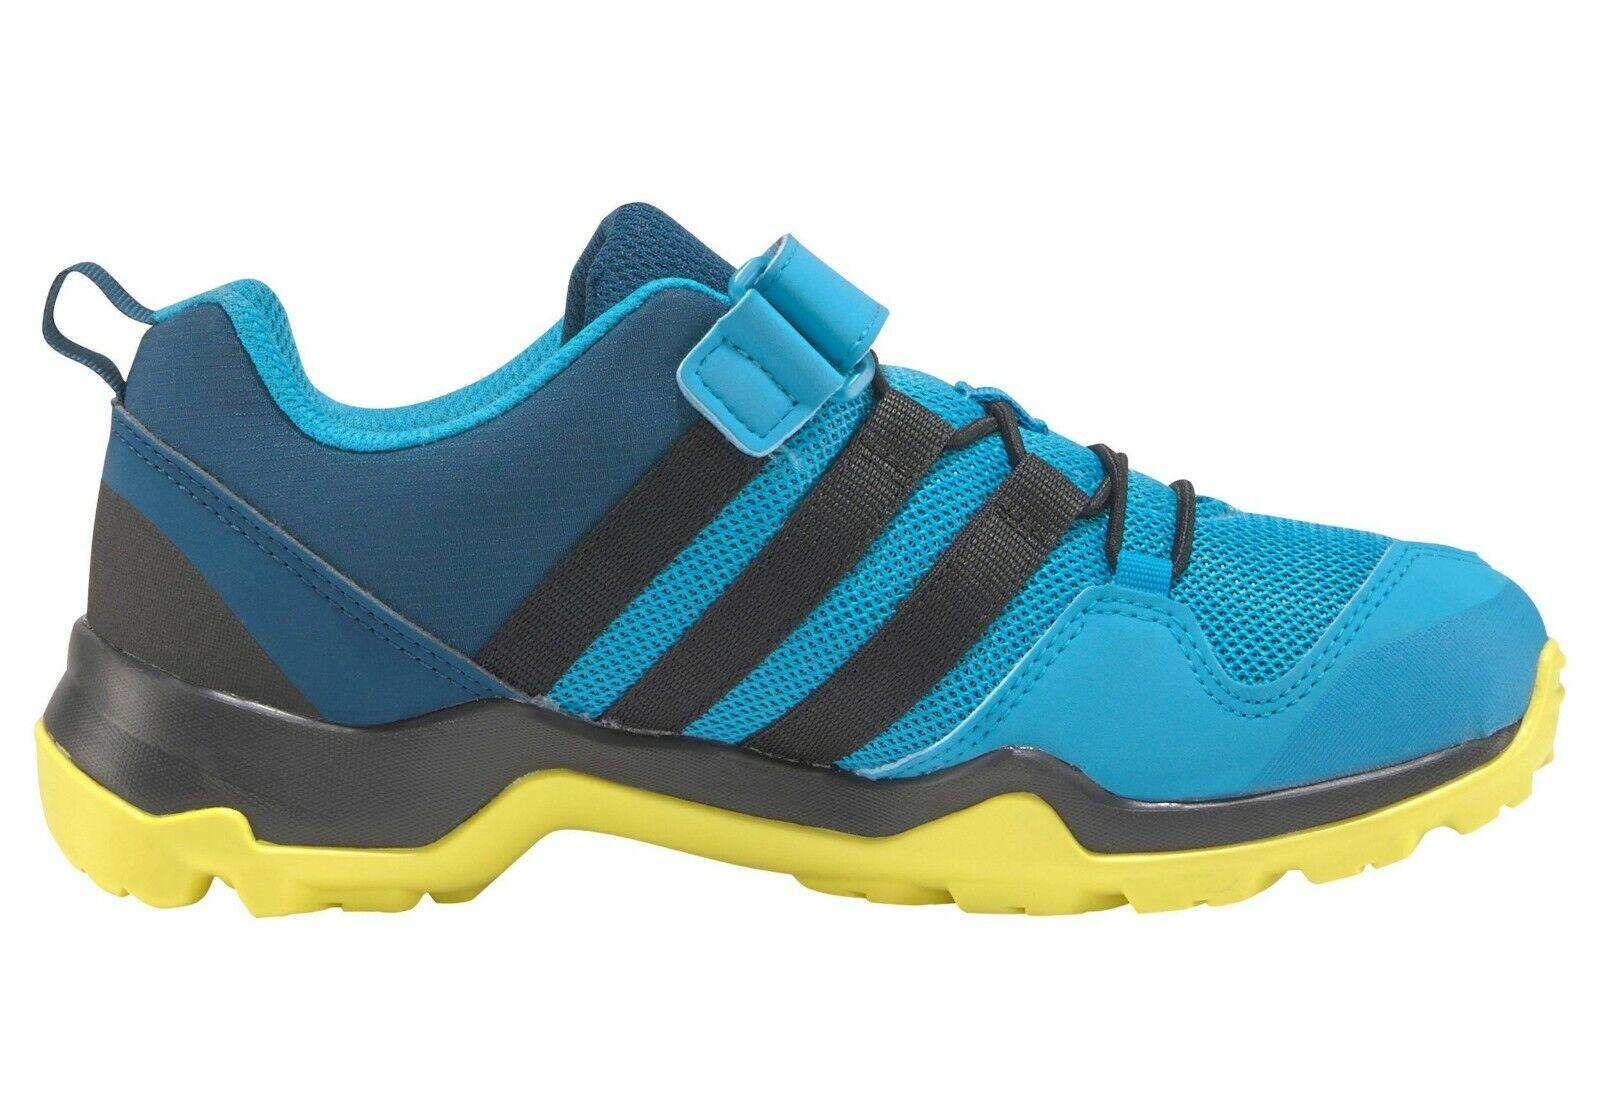 Adidas AX2R CF KInder Wanderschuhe Trekkingschuhe leicht bequem Schnellschnürer Schnellschnürer Schnellschnürer 5f0fbf